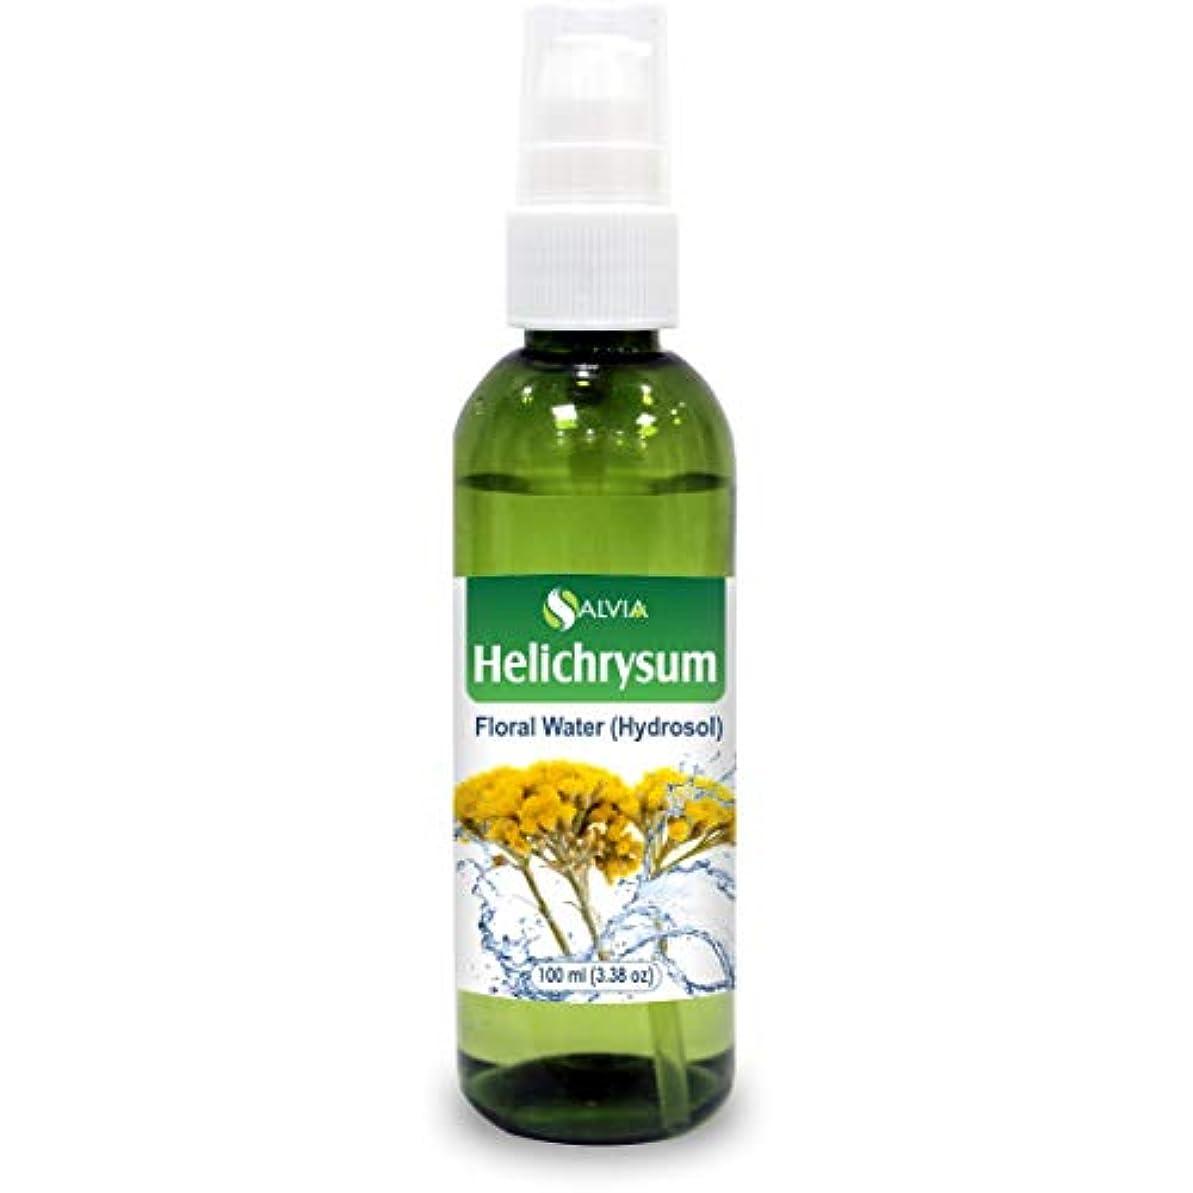 ソケットおっとわずかにHelichrysum Floral Water 100ml (Hydrosol) 100% Pure And Natural